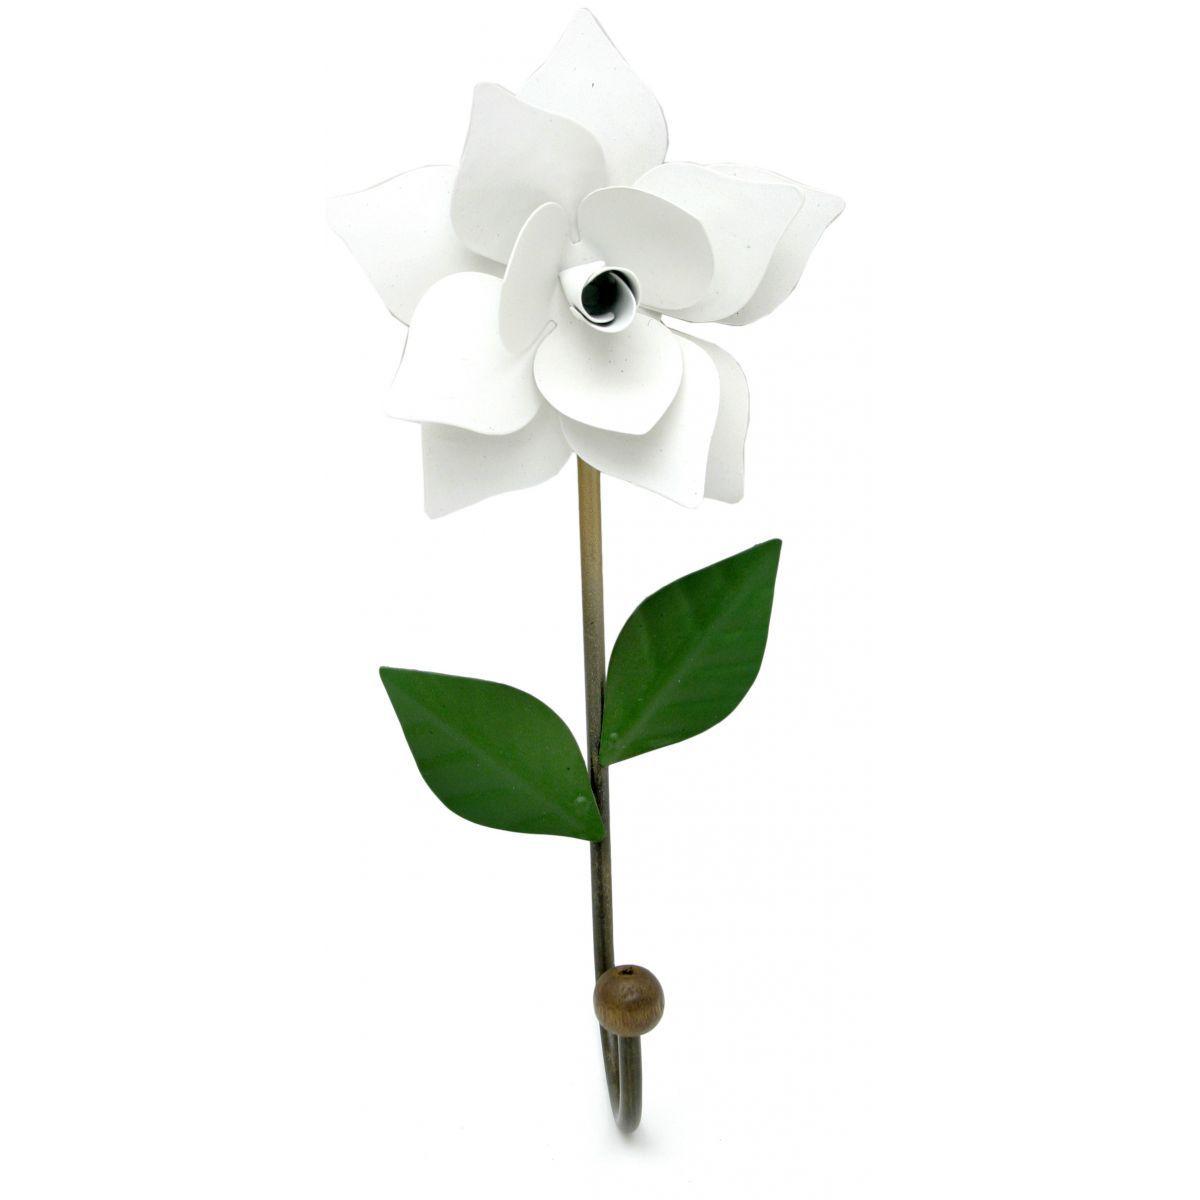 Cabideiro Decorativo para Quarto e Banheiro Artesanal Rústico com Flor